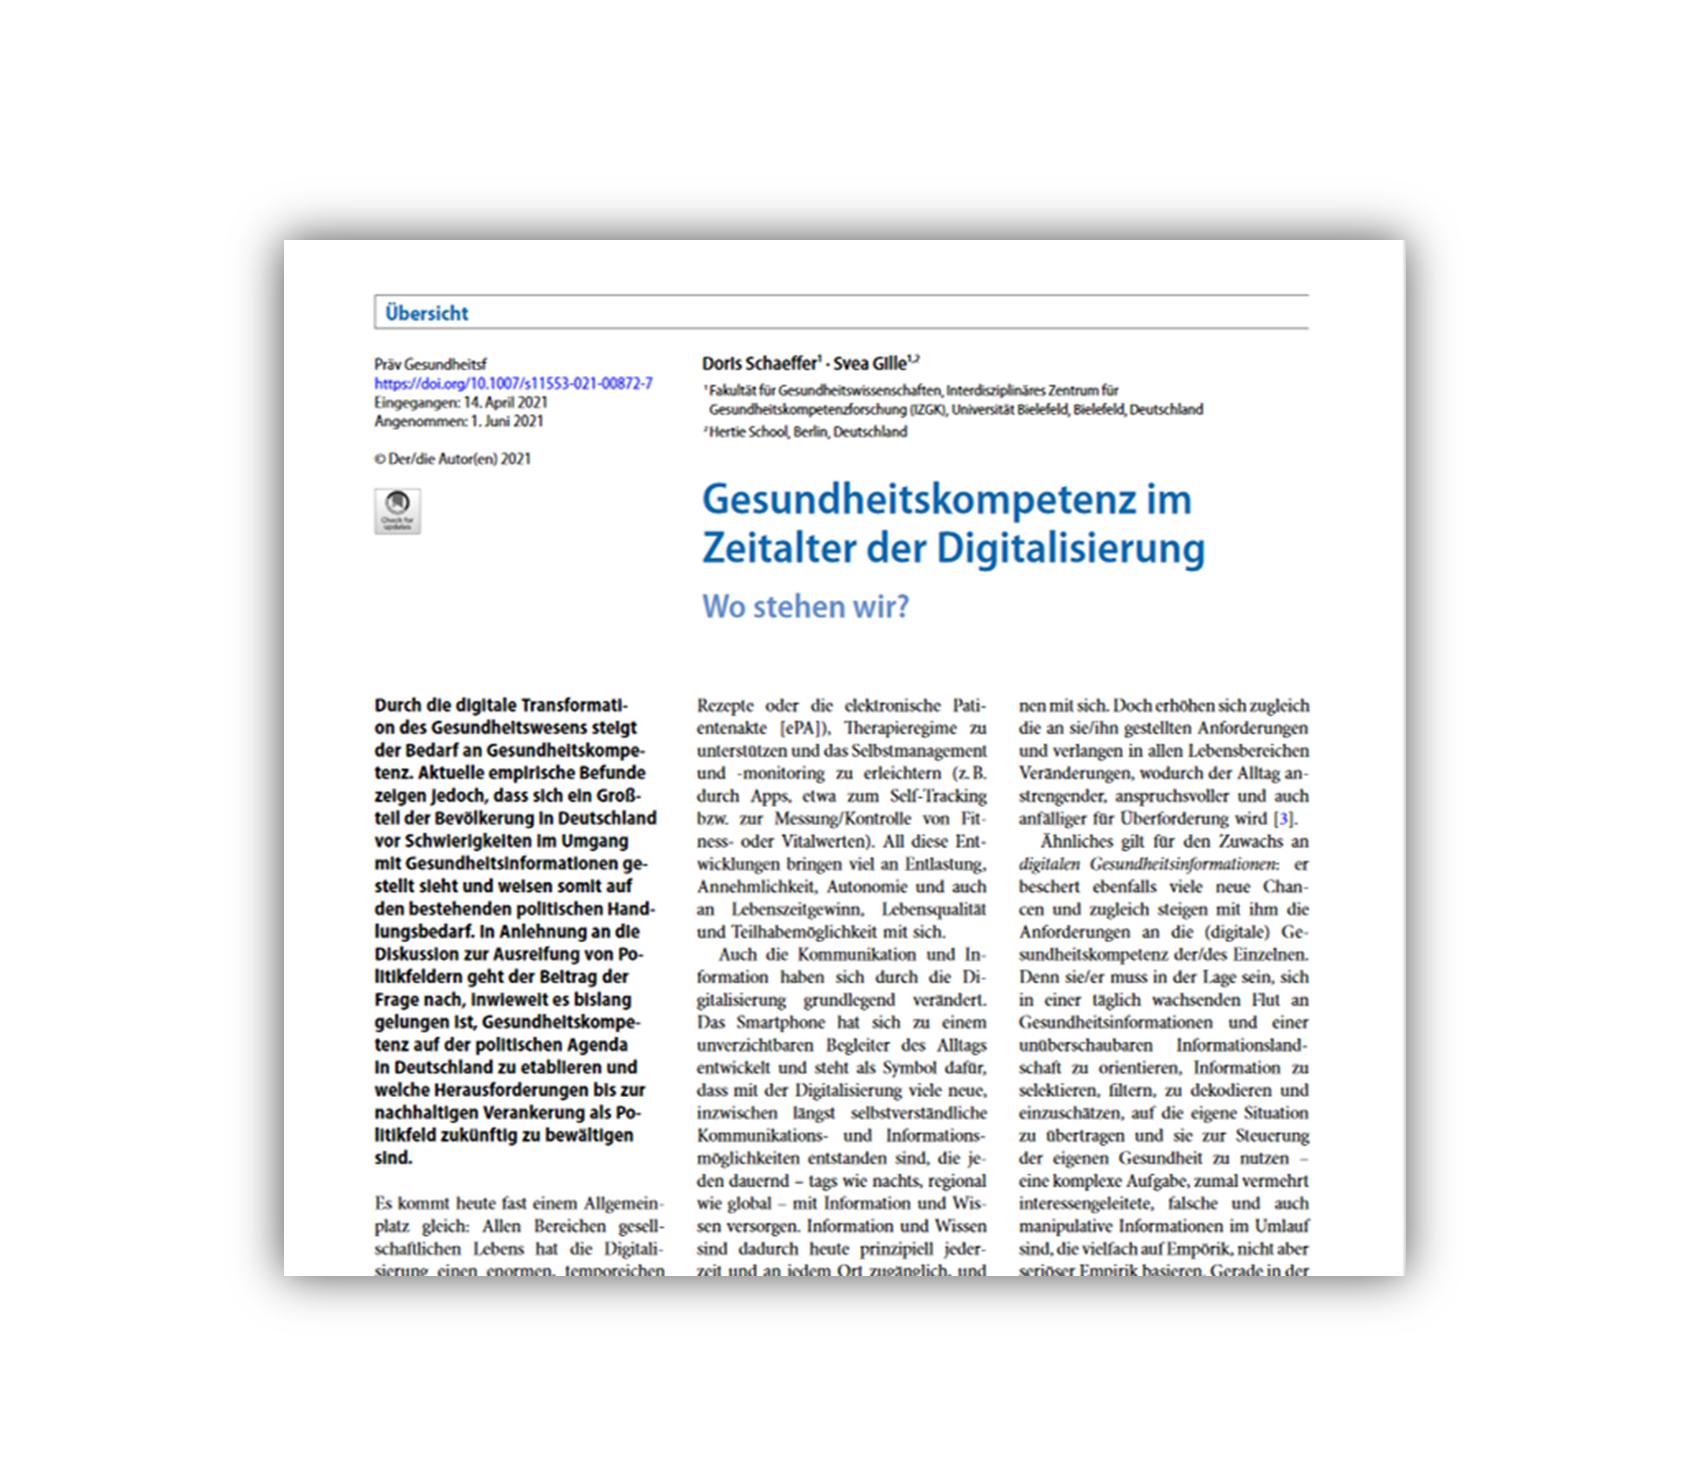 Artikel zur Gesundheitskompetenz im Zeitalter der Digitalisierung